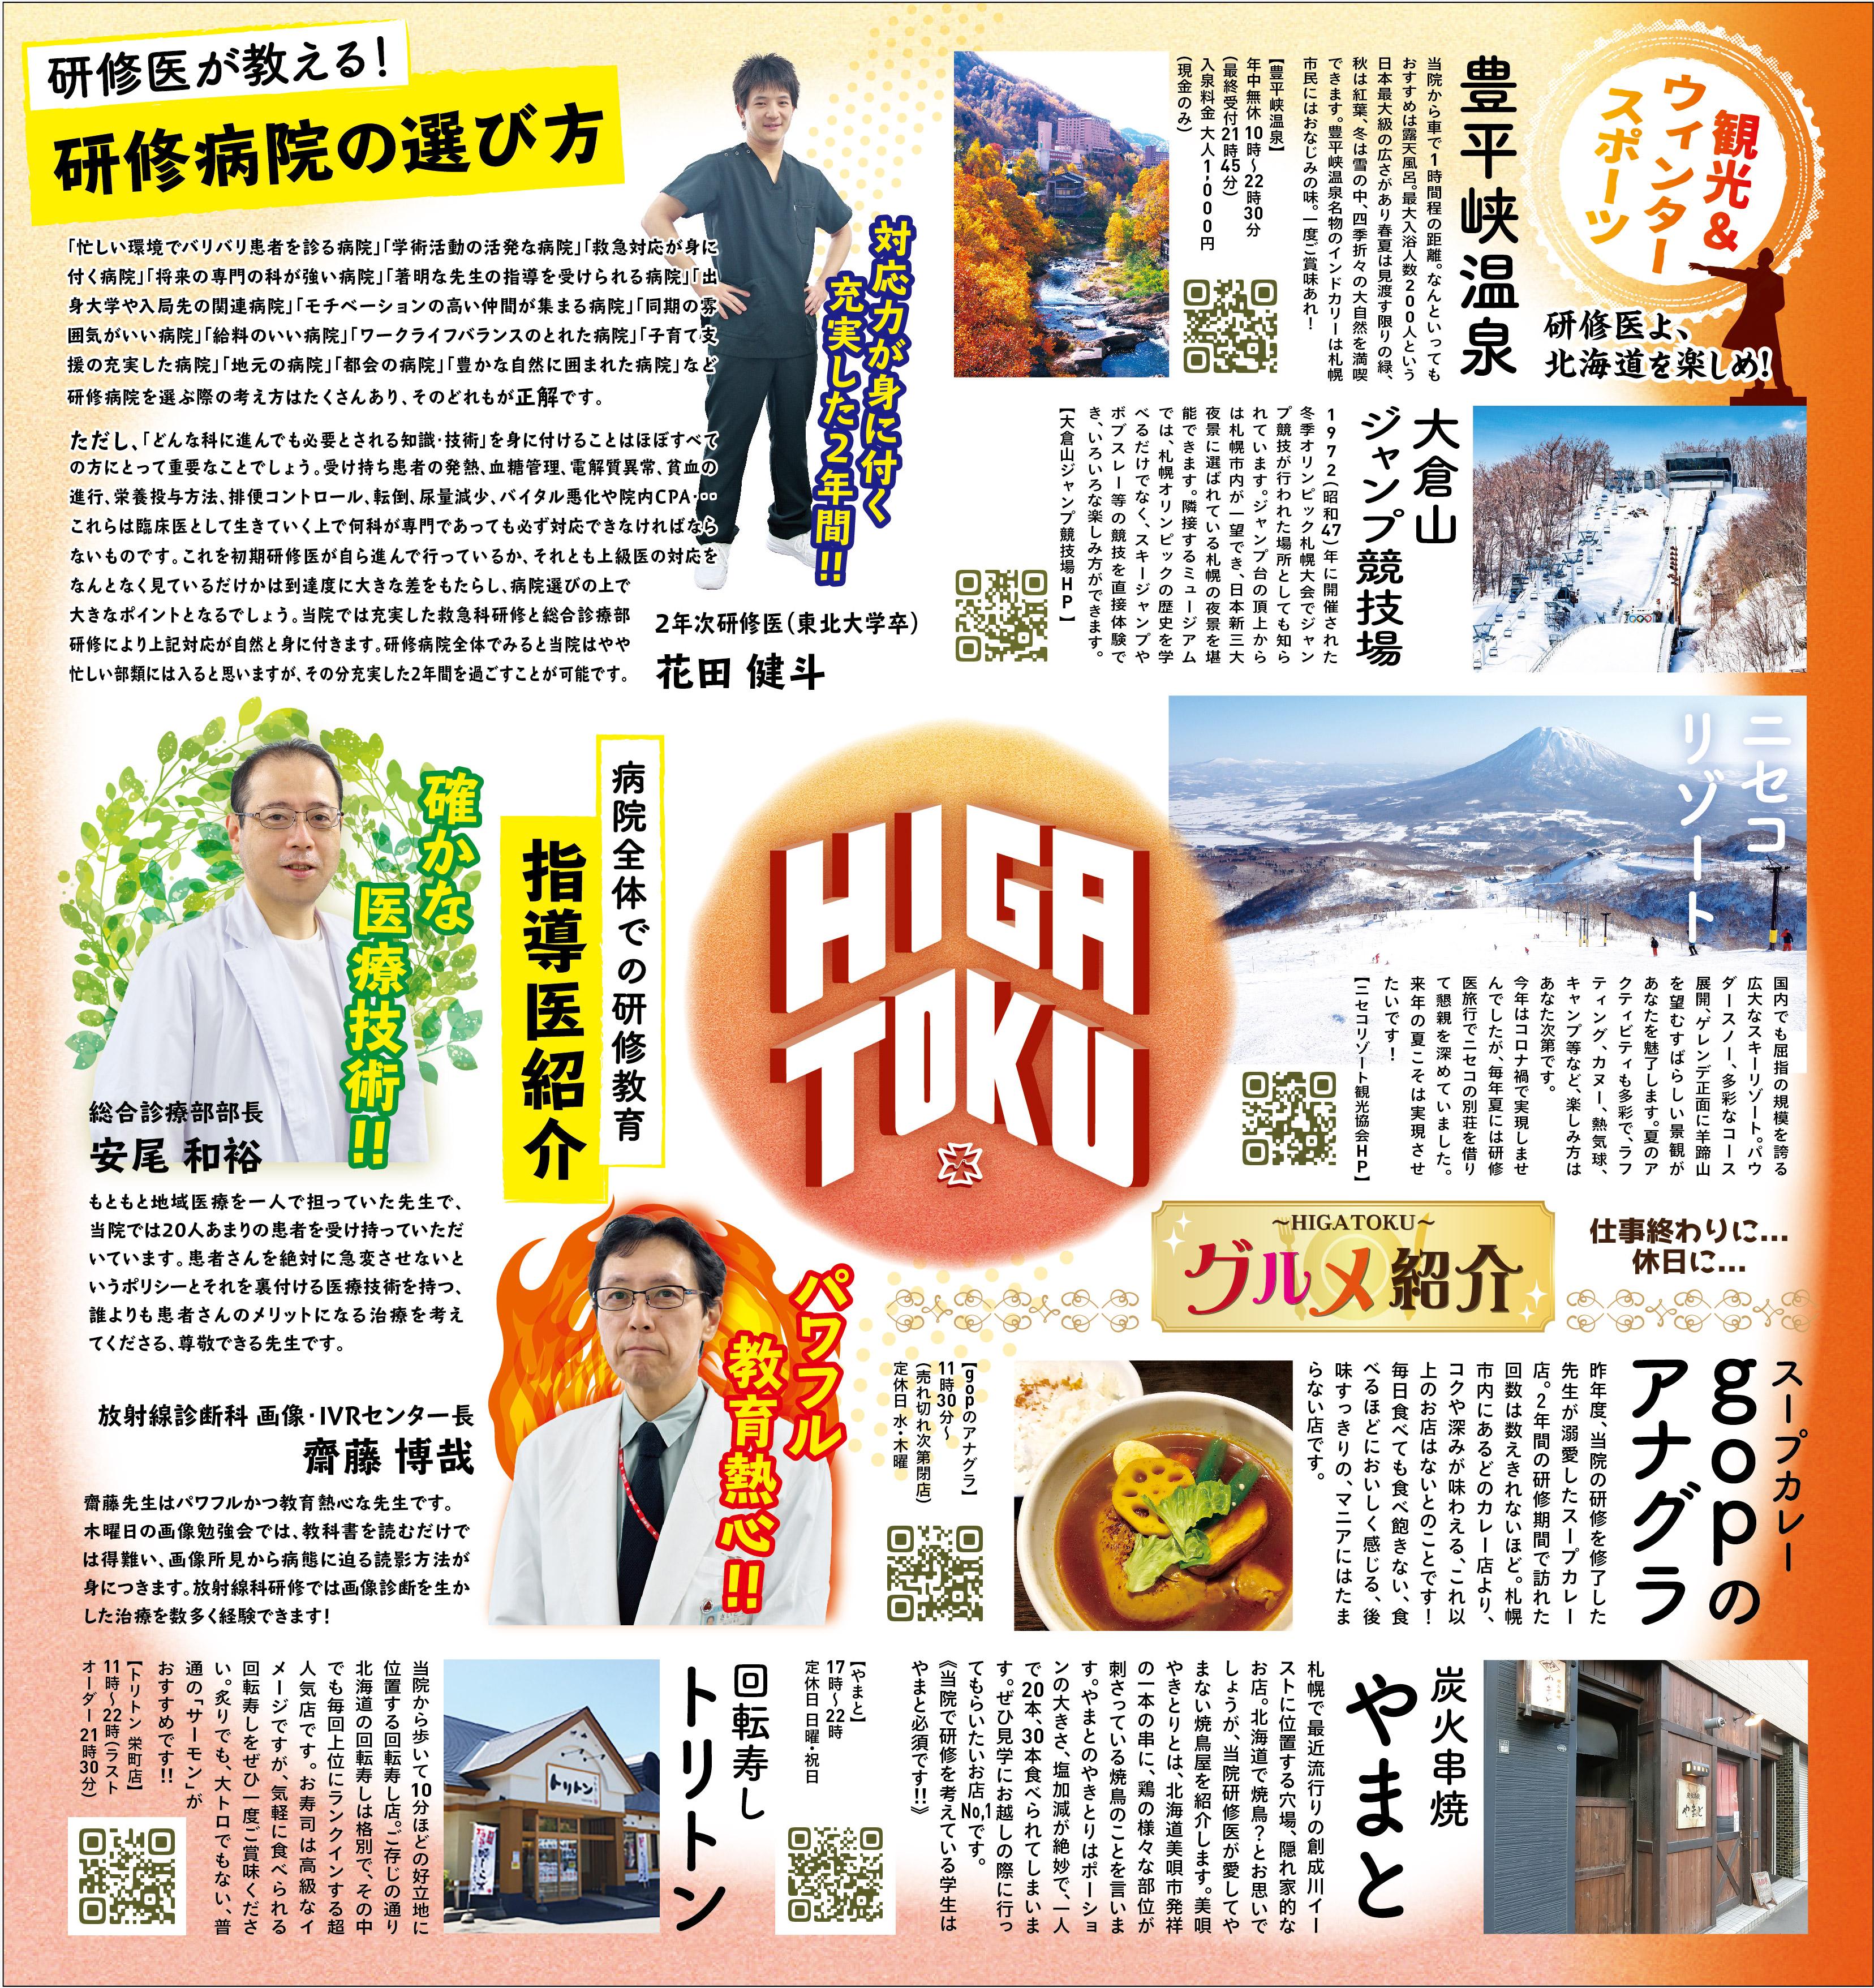 http://blog.higashi-tokushukai.or.jp/ydblog/%E7%A7%8B%E5%86%AC%E5%8F%B7_%E4%B8%AD%E9%9D%A22.jpg